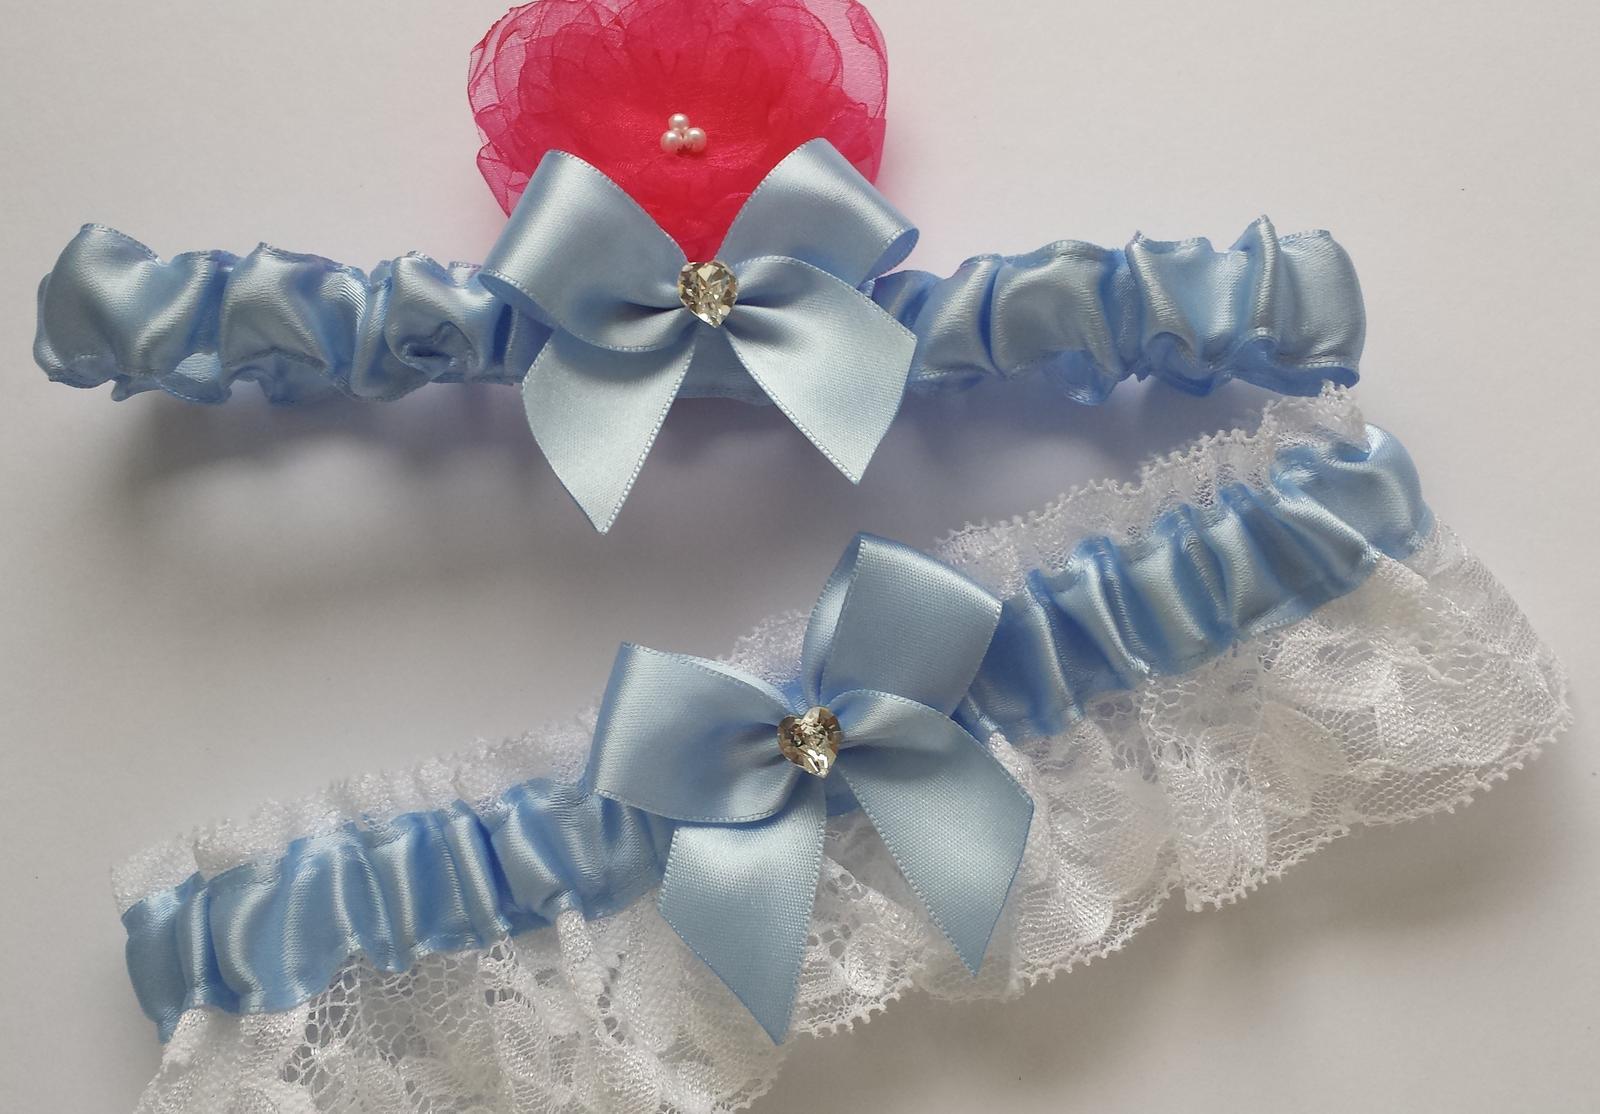 Podvazky + nově sady Swarovski podvazků - Krásná sada modrých vývazků